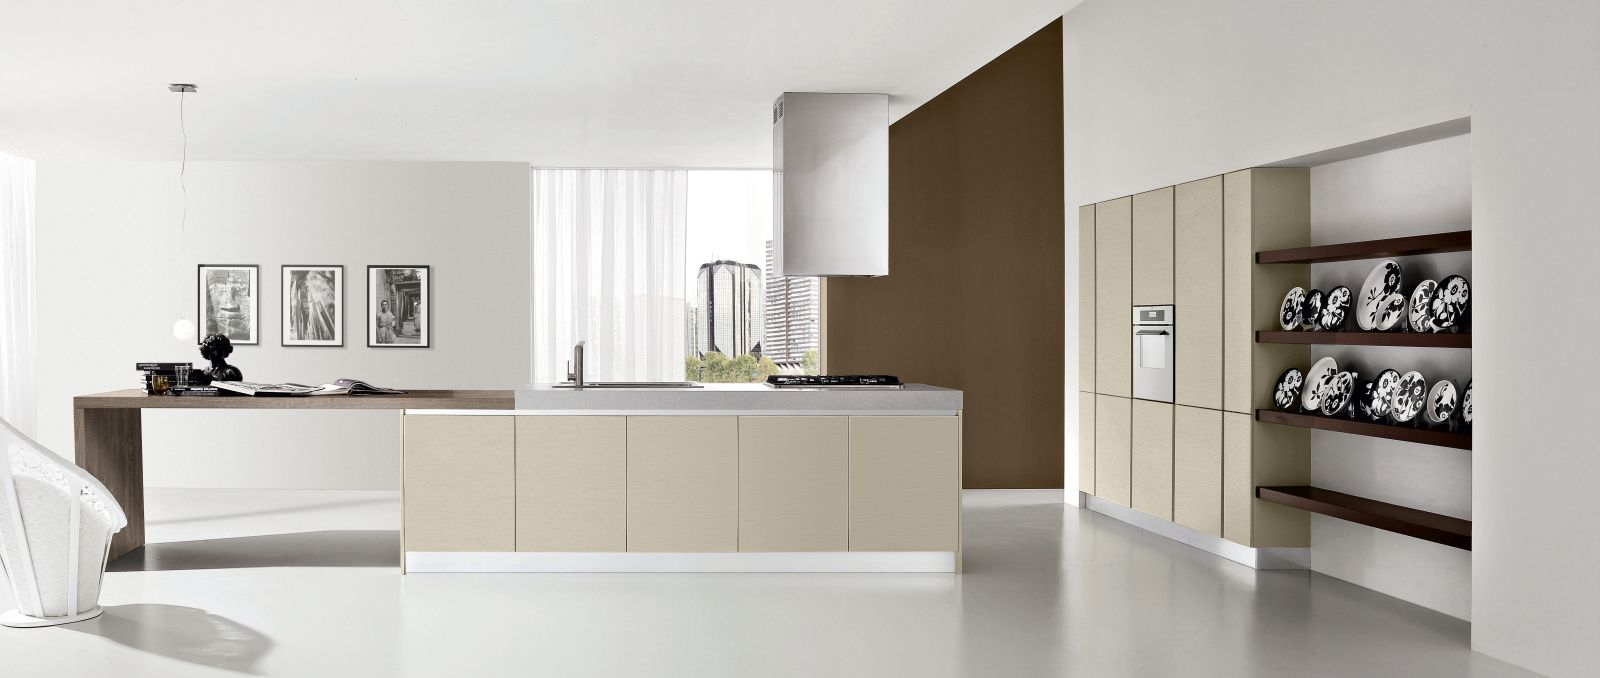 Akiro - GM Cucine